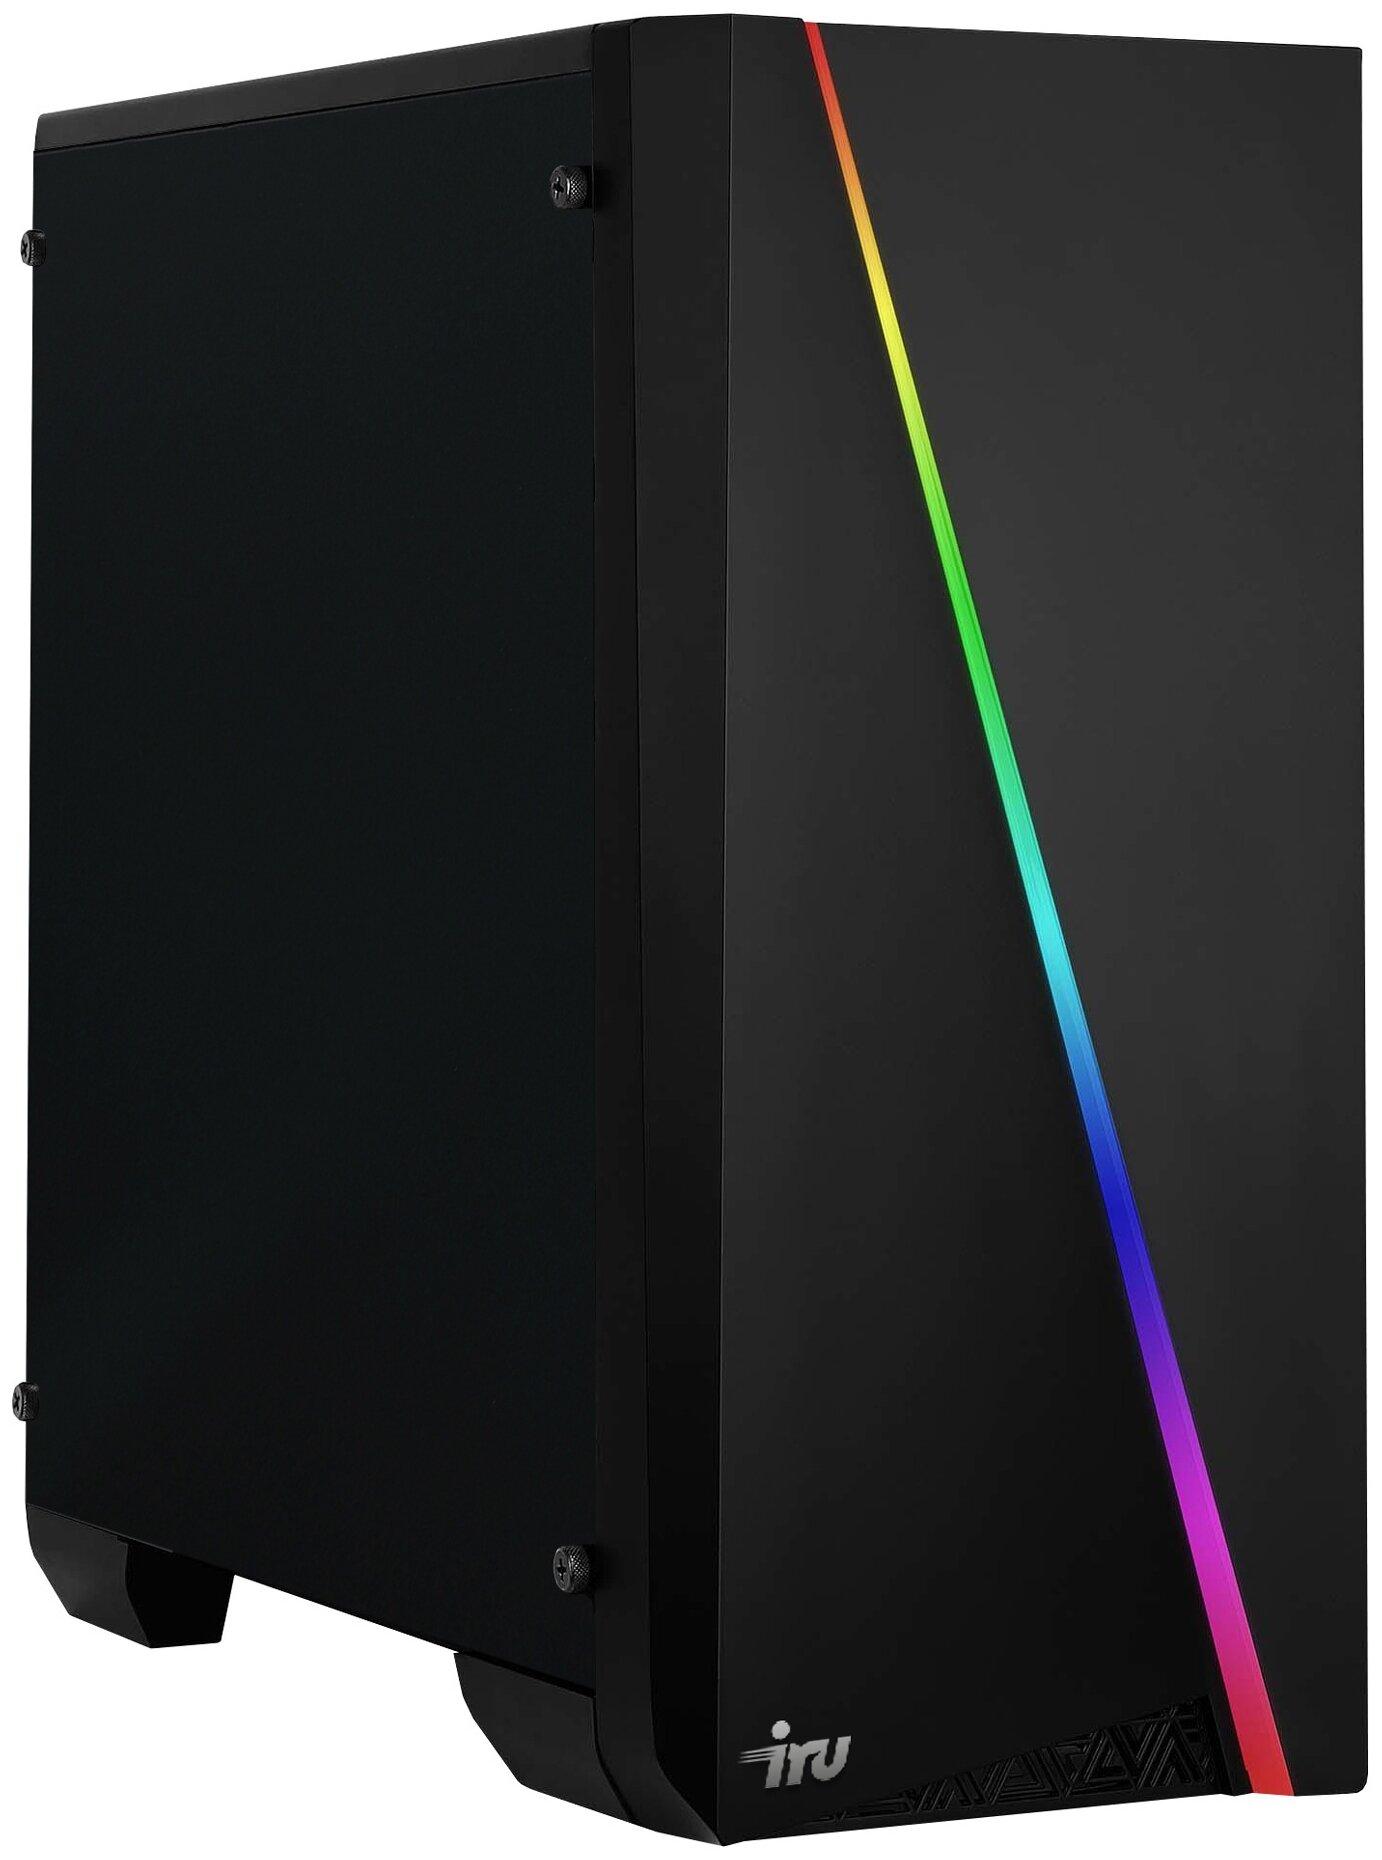 Настольный компьютер iRu Game 515 (1509714) Midi-Tower/Intel Core i5 10400F/16 ГБ/240 ГБ SSD+1 ТБ HDD/NVIDIA GeForce RTX 3060/DOS — купить по выгодной цене на Яндекс.Маркете